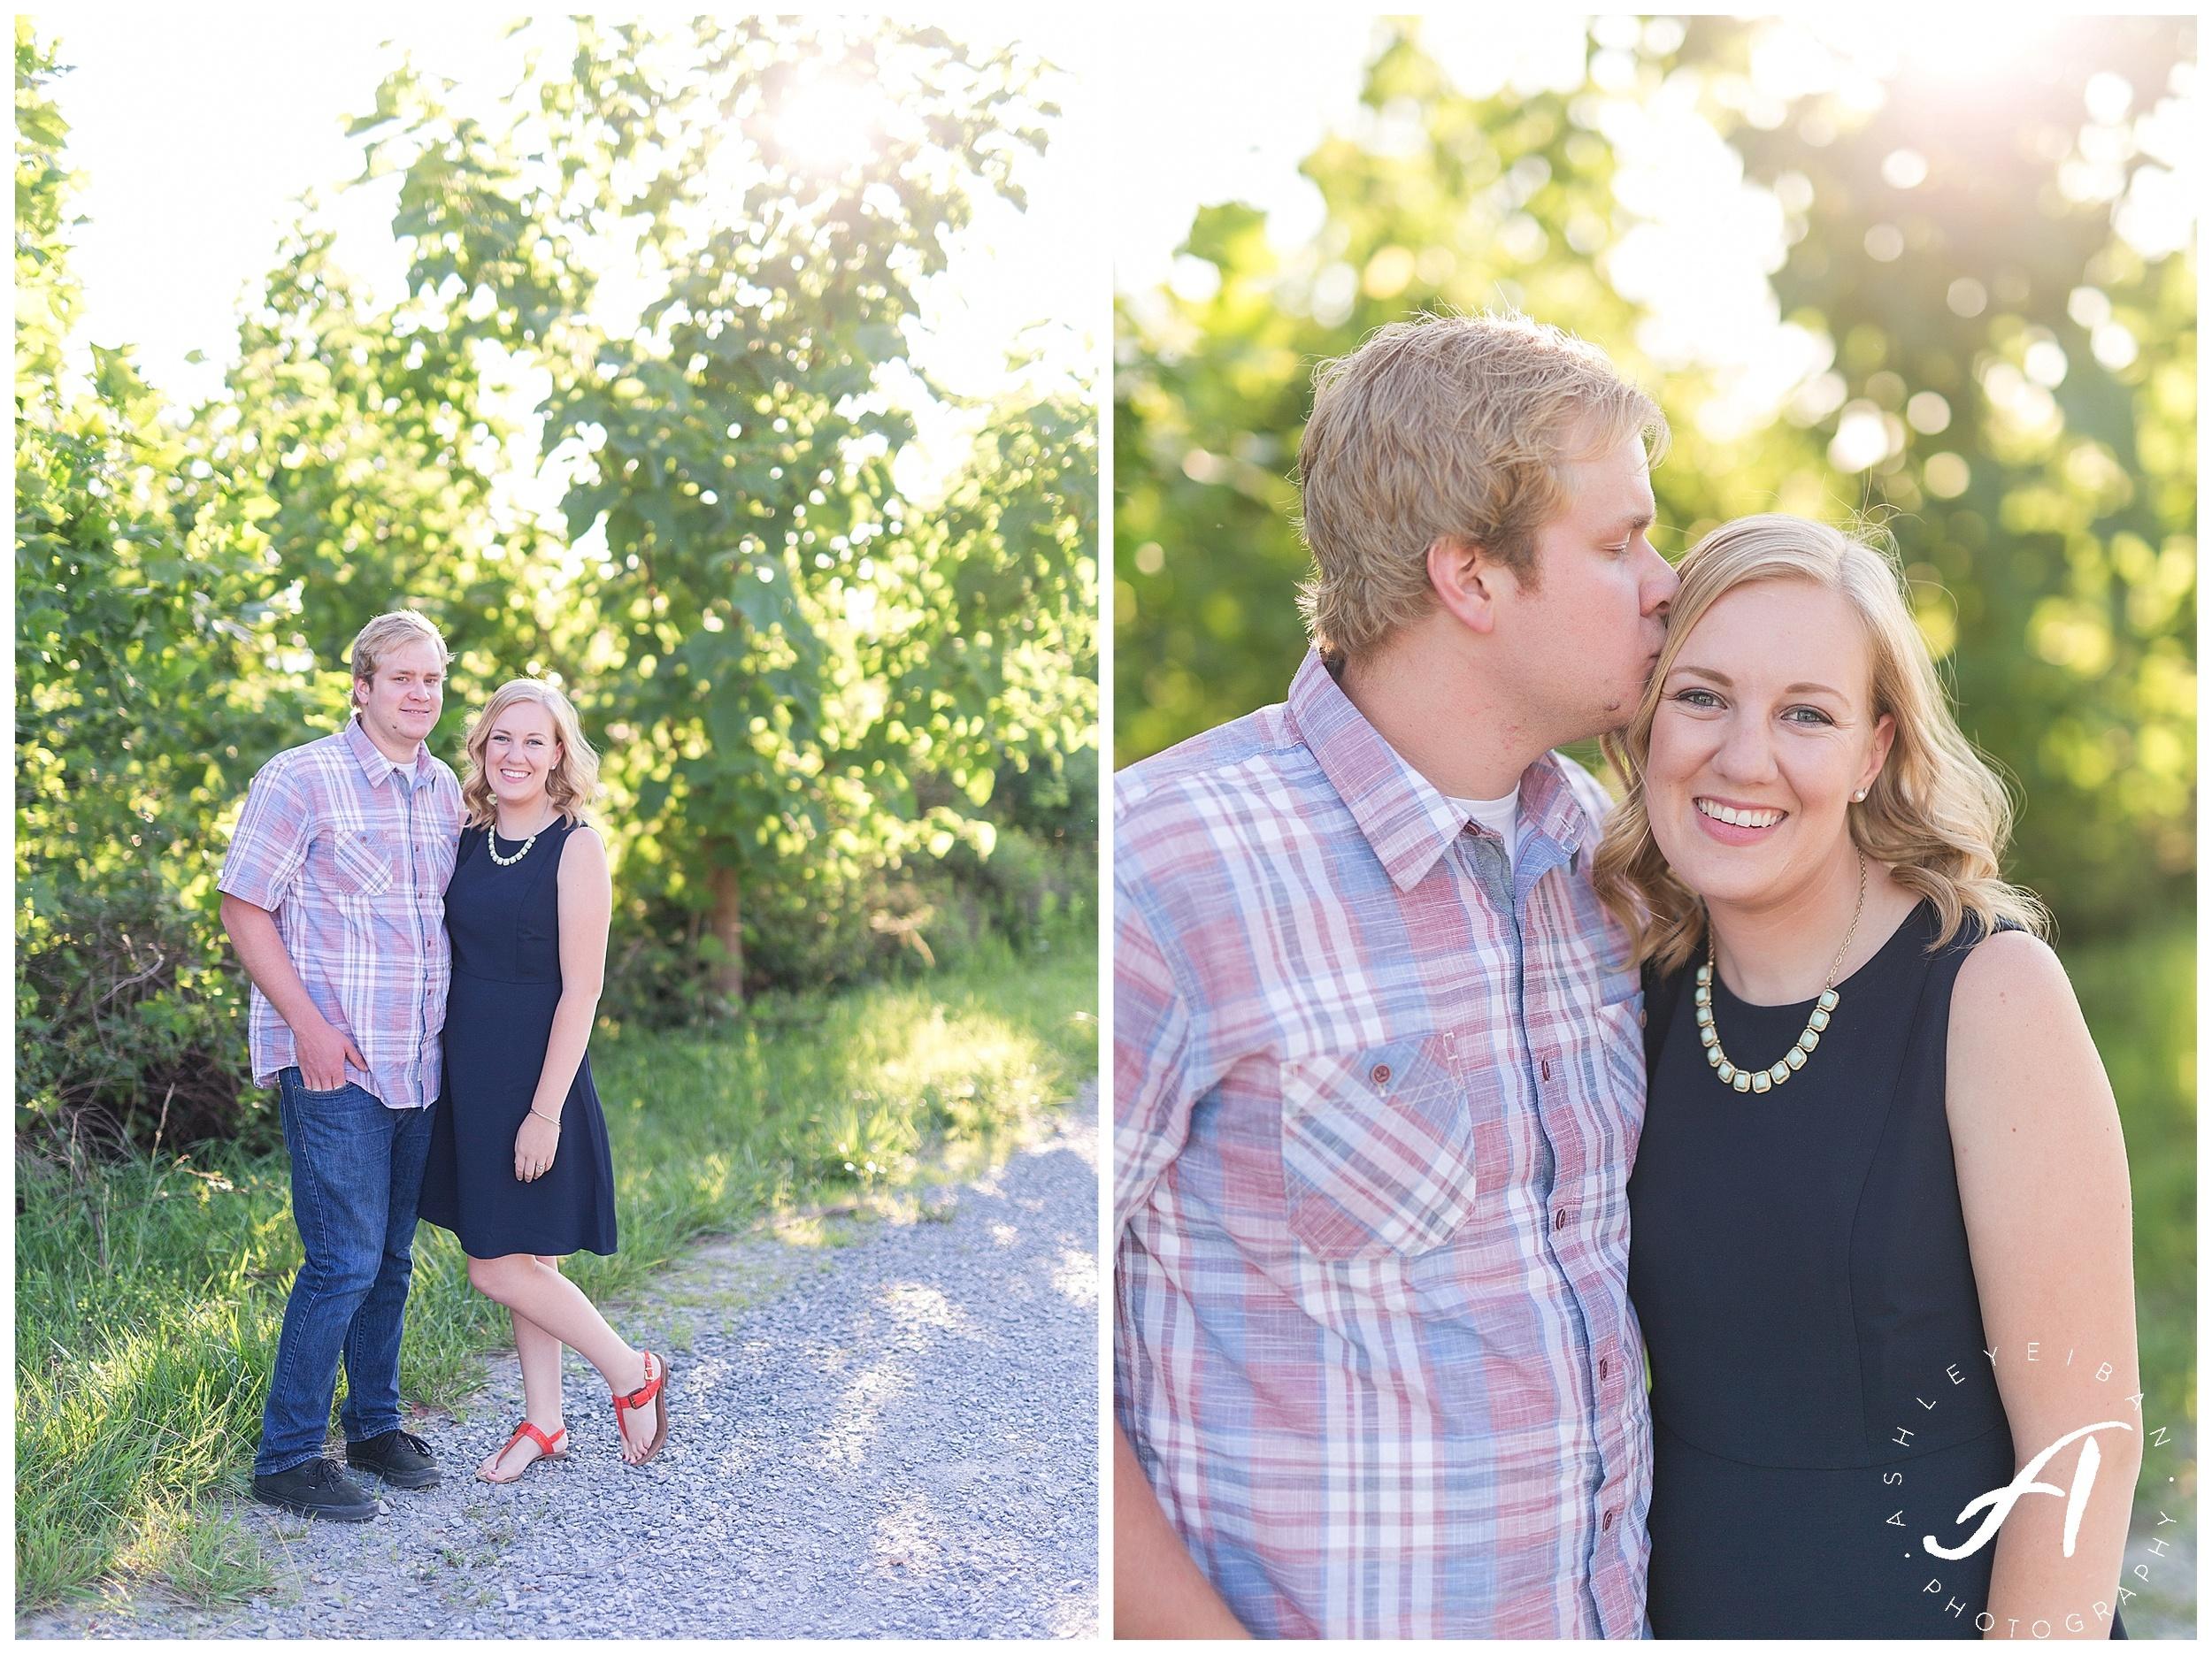 Summer Engagement Session || Lynchburg VA Wedding Photographer || Charlottesville Wedding Photographer || Ashley Eiban Photography || www.ashleyeiban.com